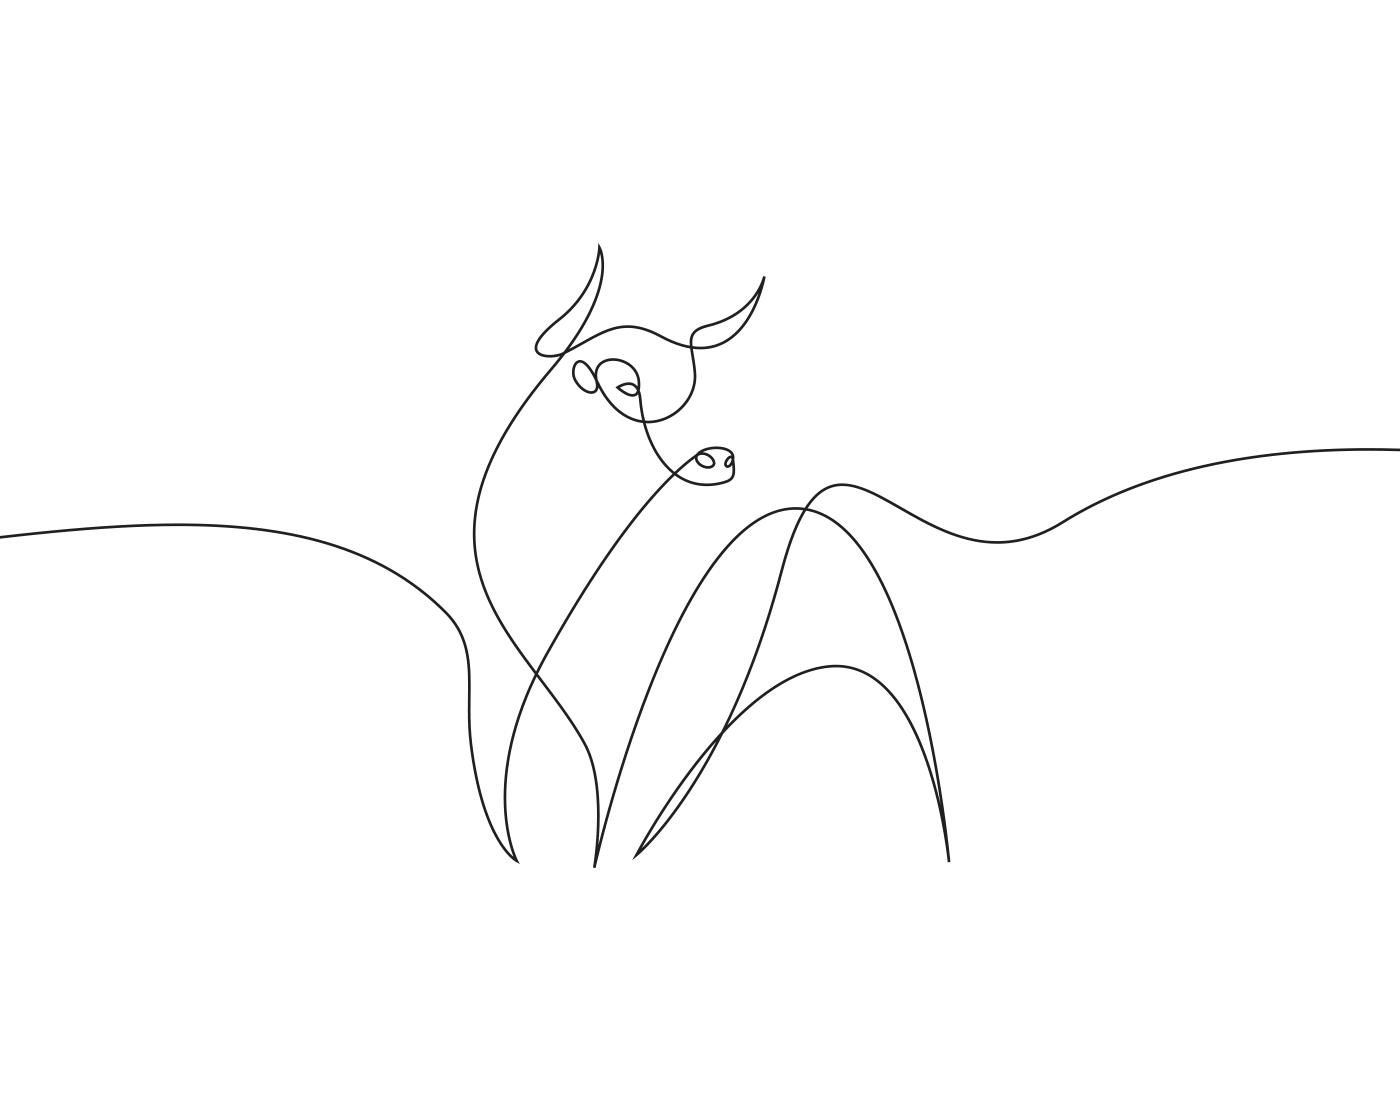 linea-continua-02